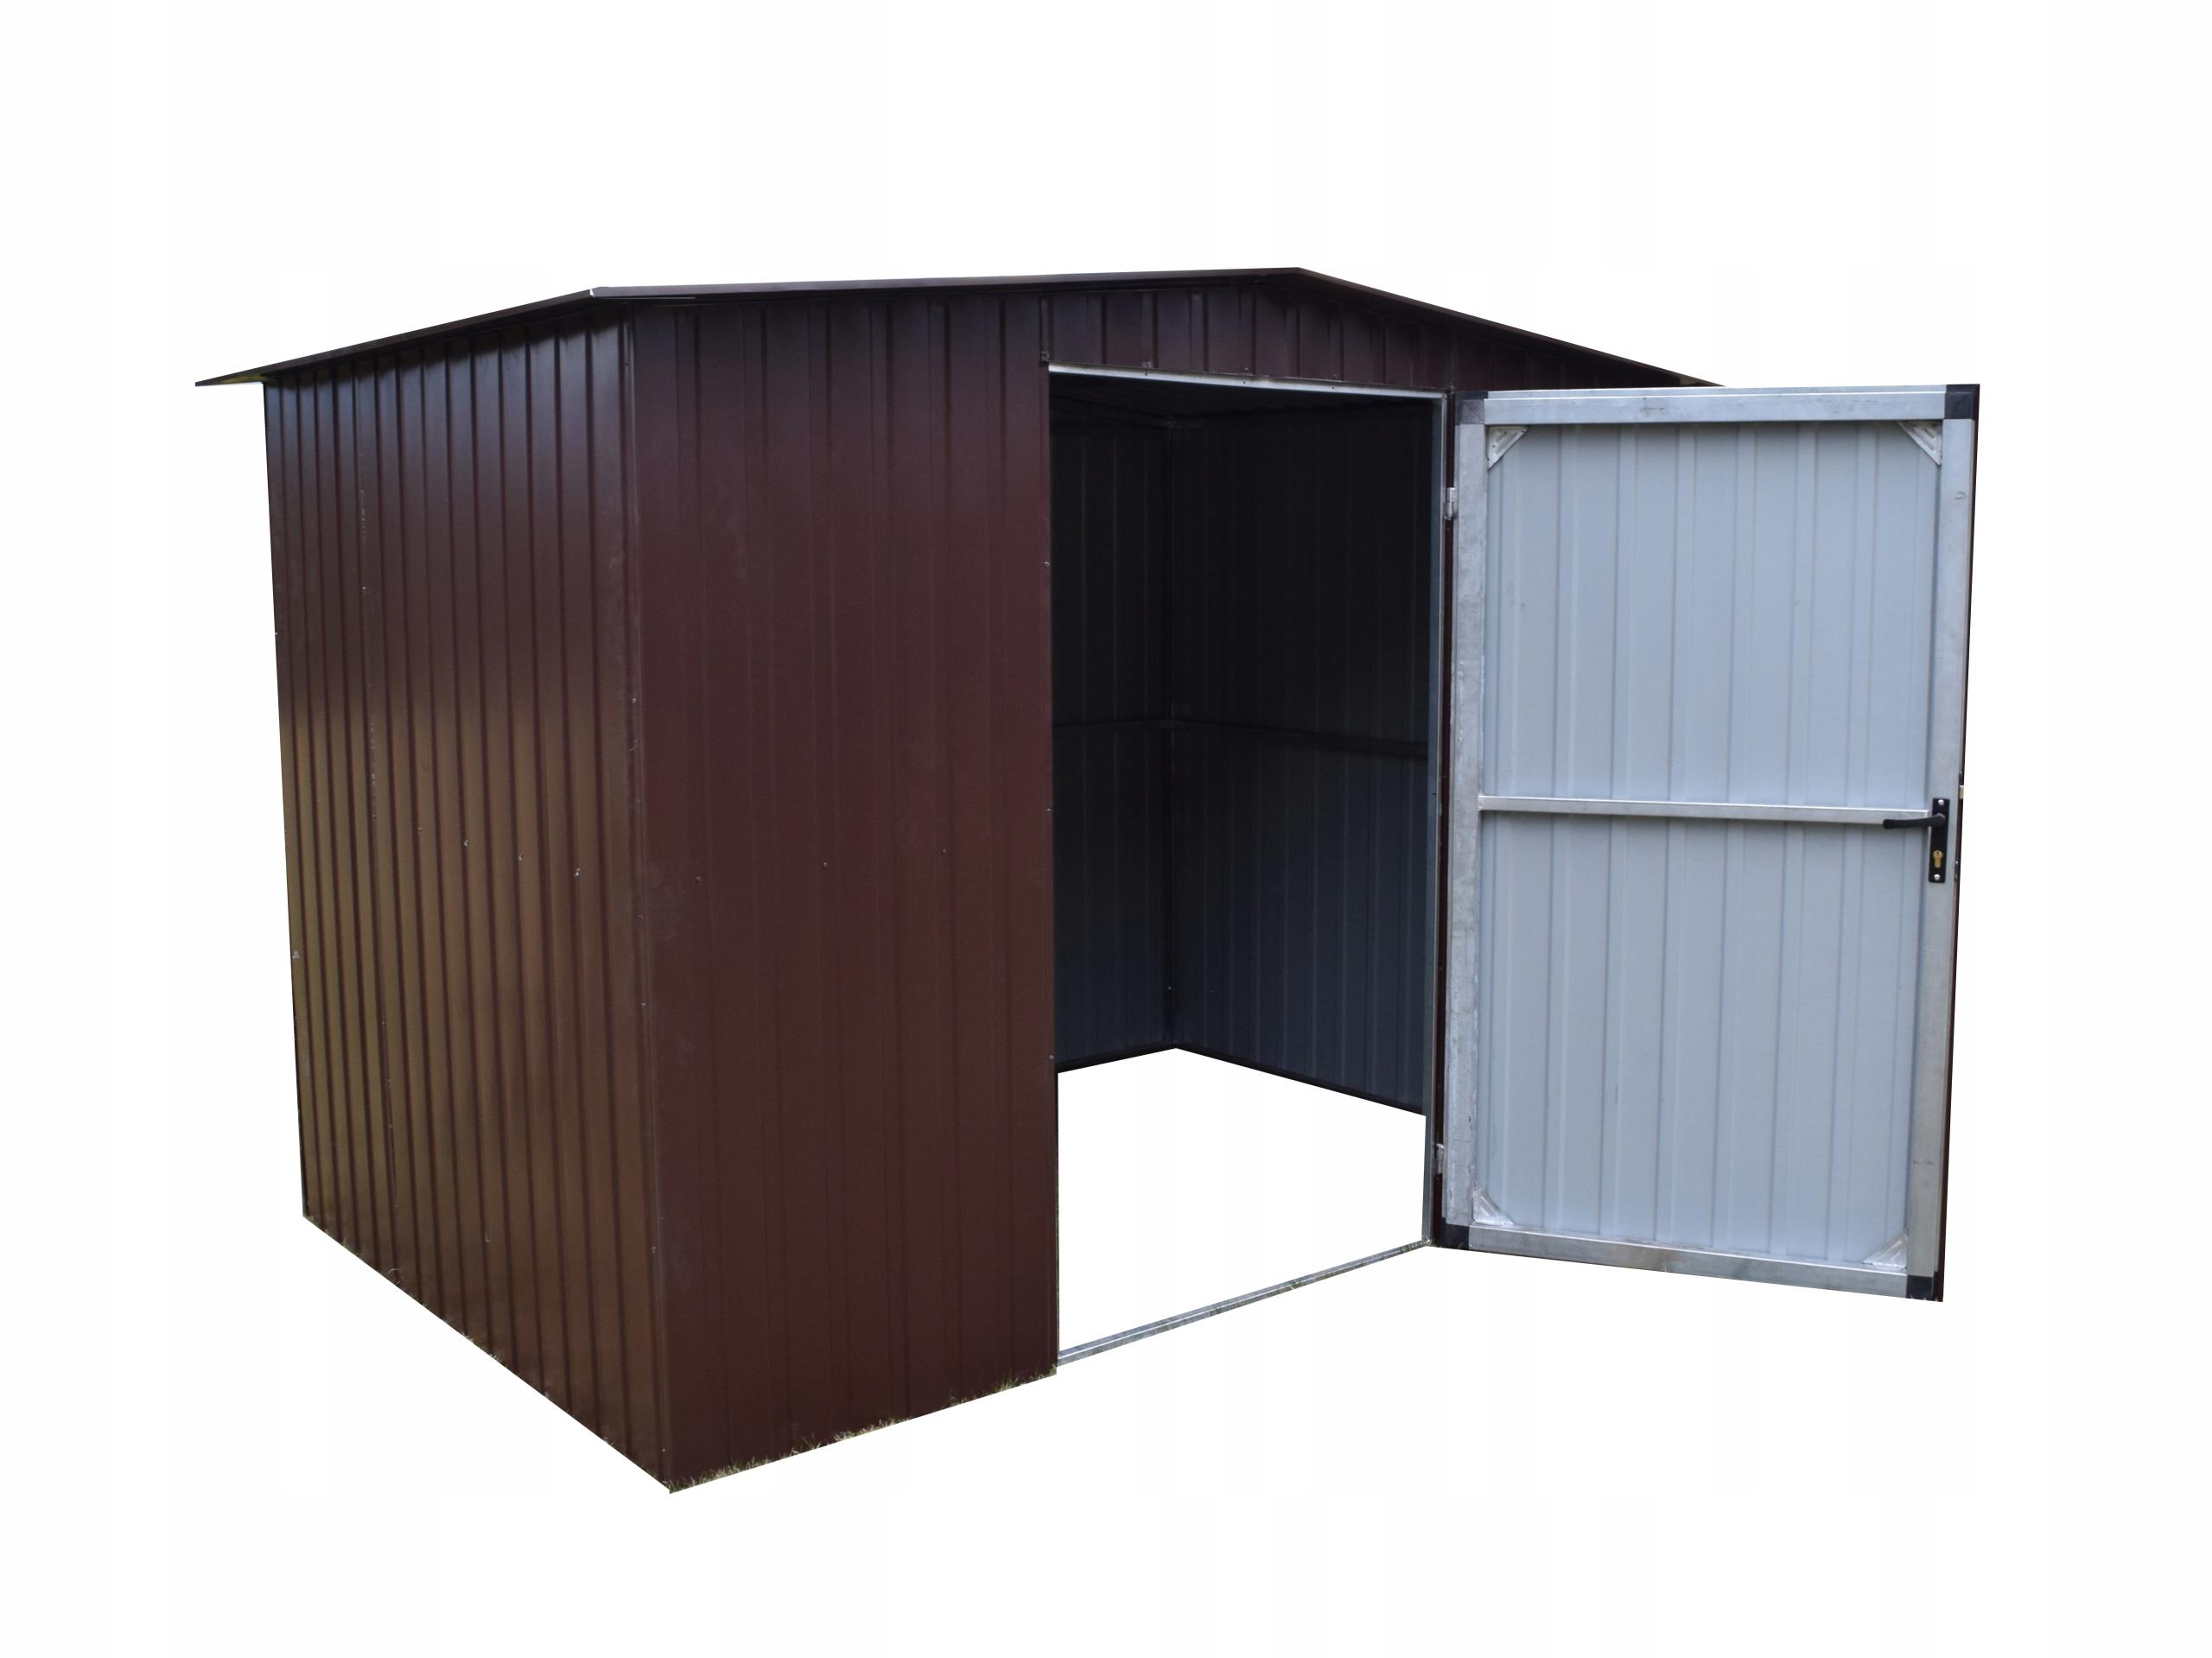 Domek narzędziowy 2,6x1,8 garaż blaszany komórka